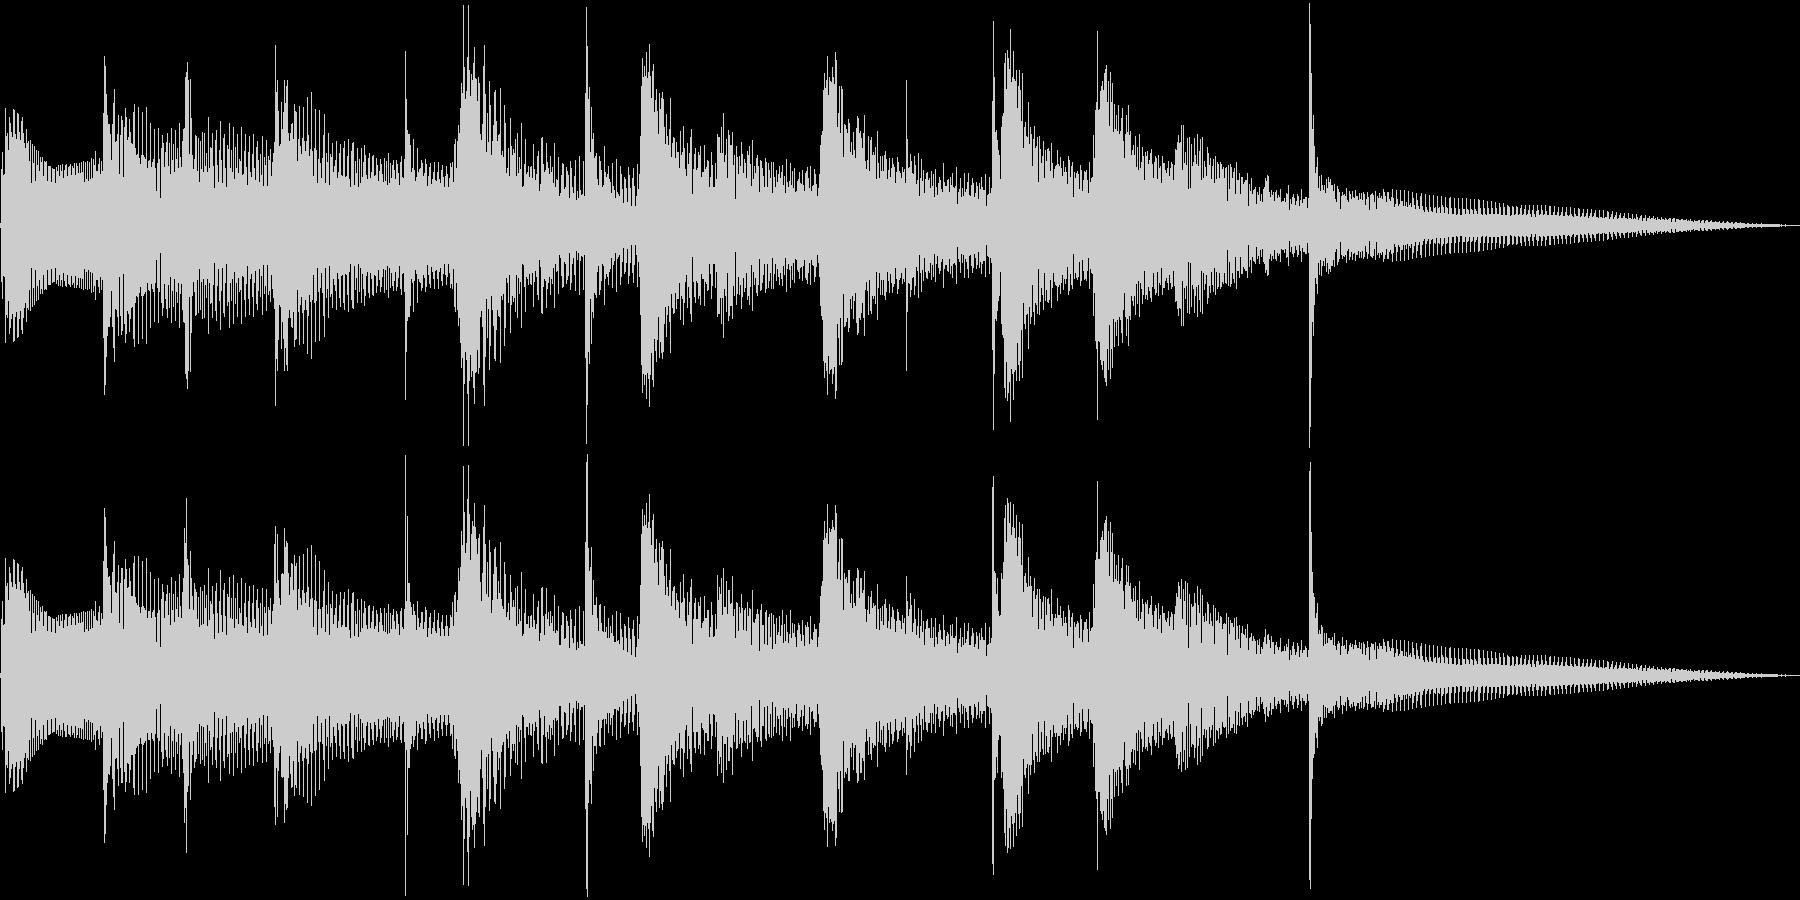 中近東系音源の未再生の波形